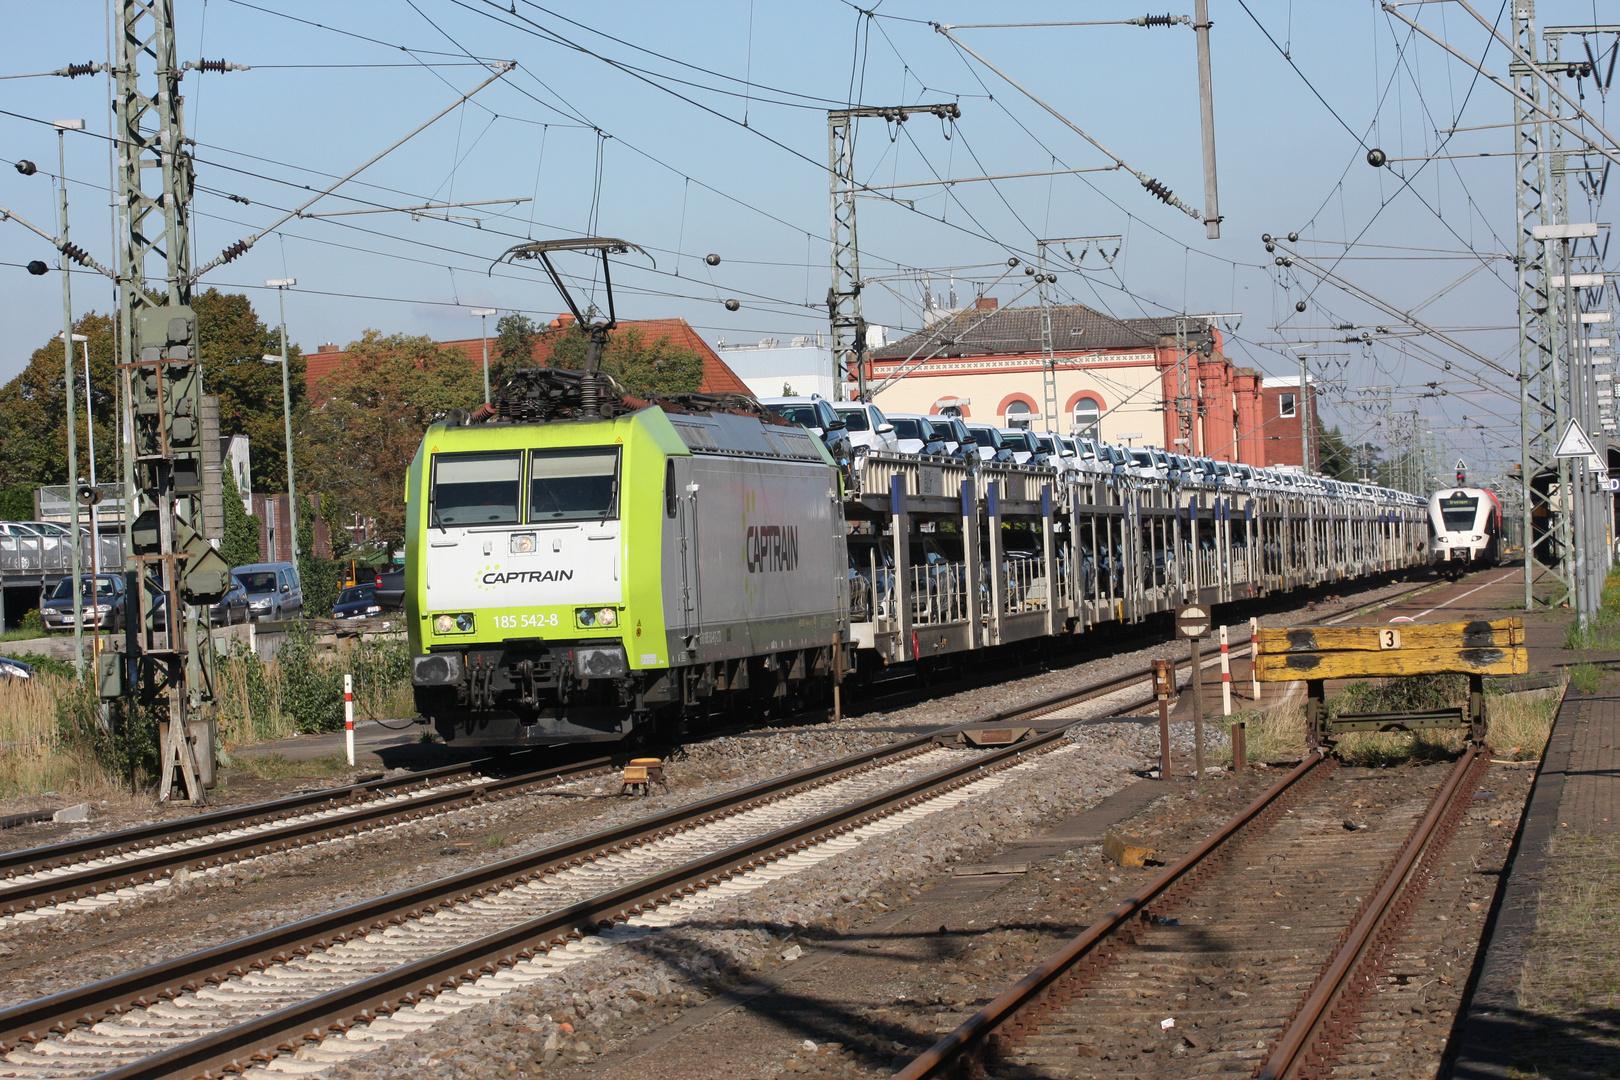 Captrain 185-542-8 Leer 27-09-2013